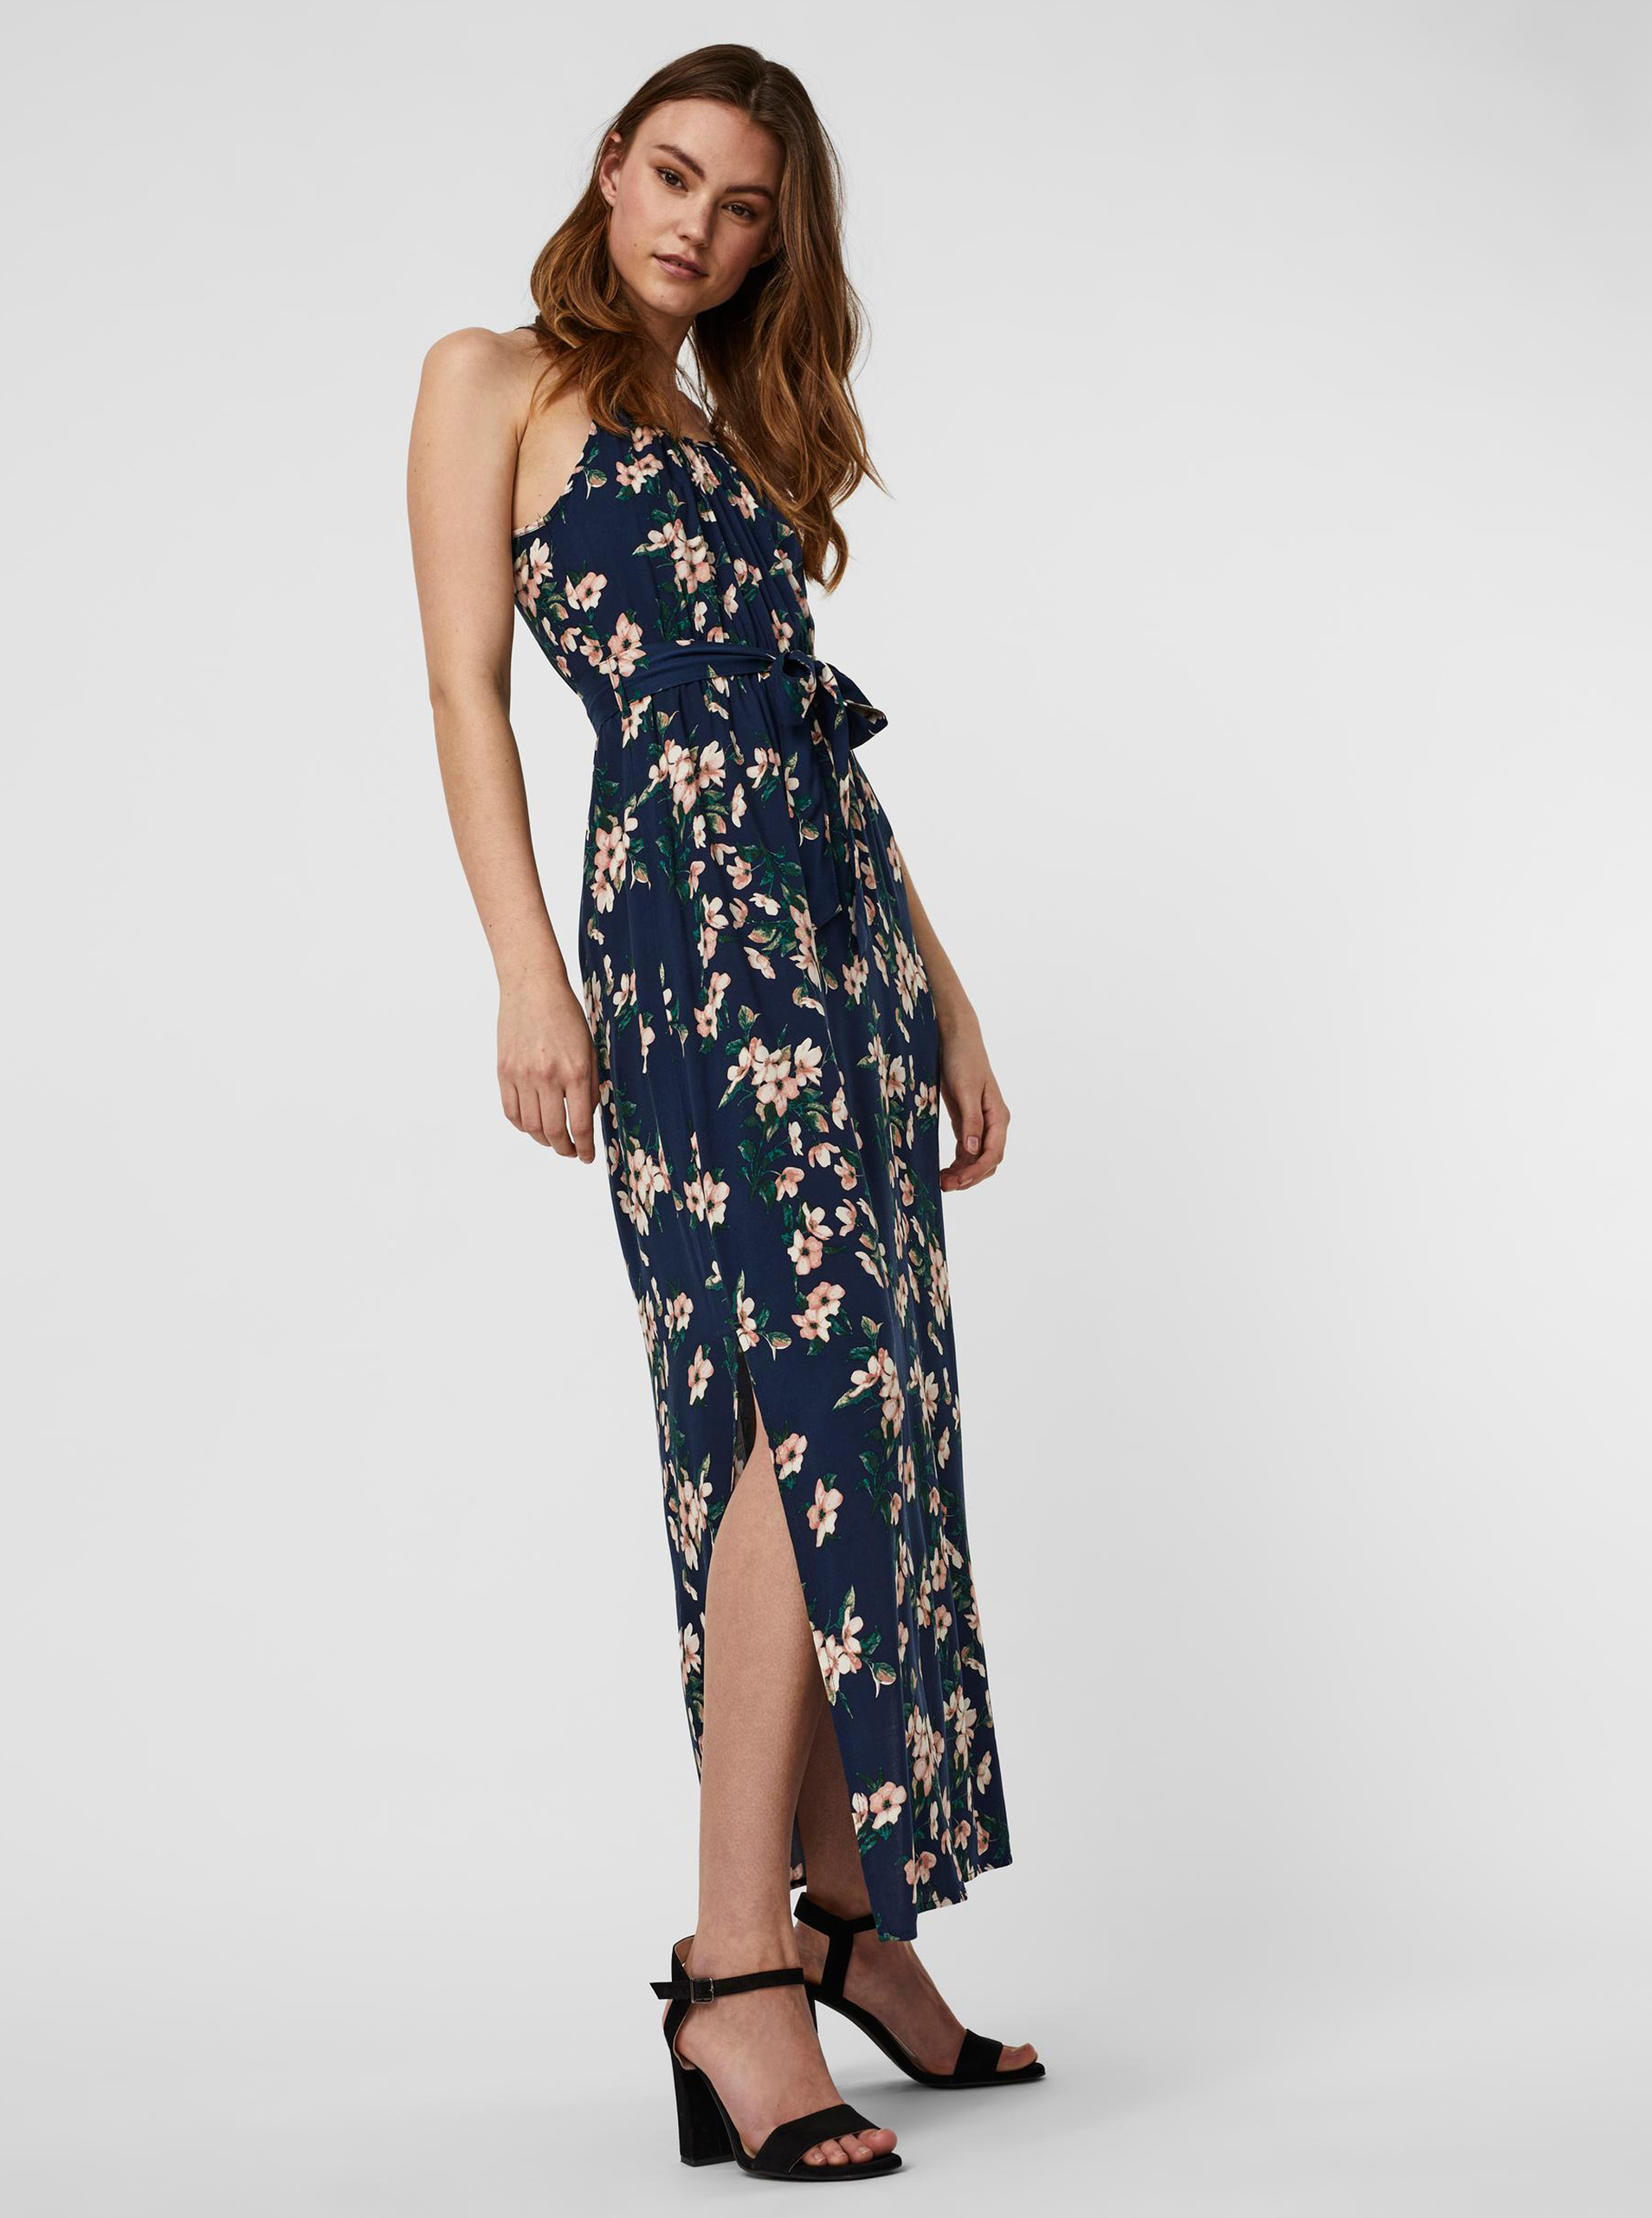 Vero Moda blue flowered maxi dress Simply